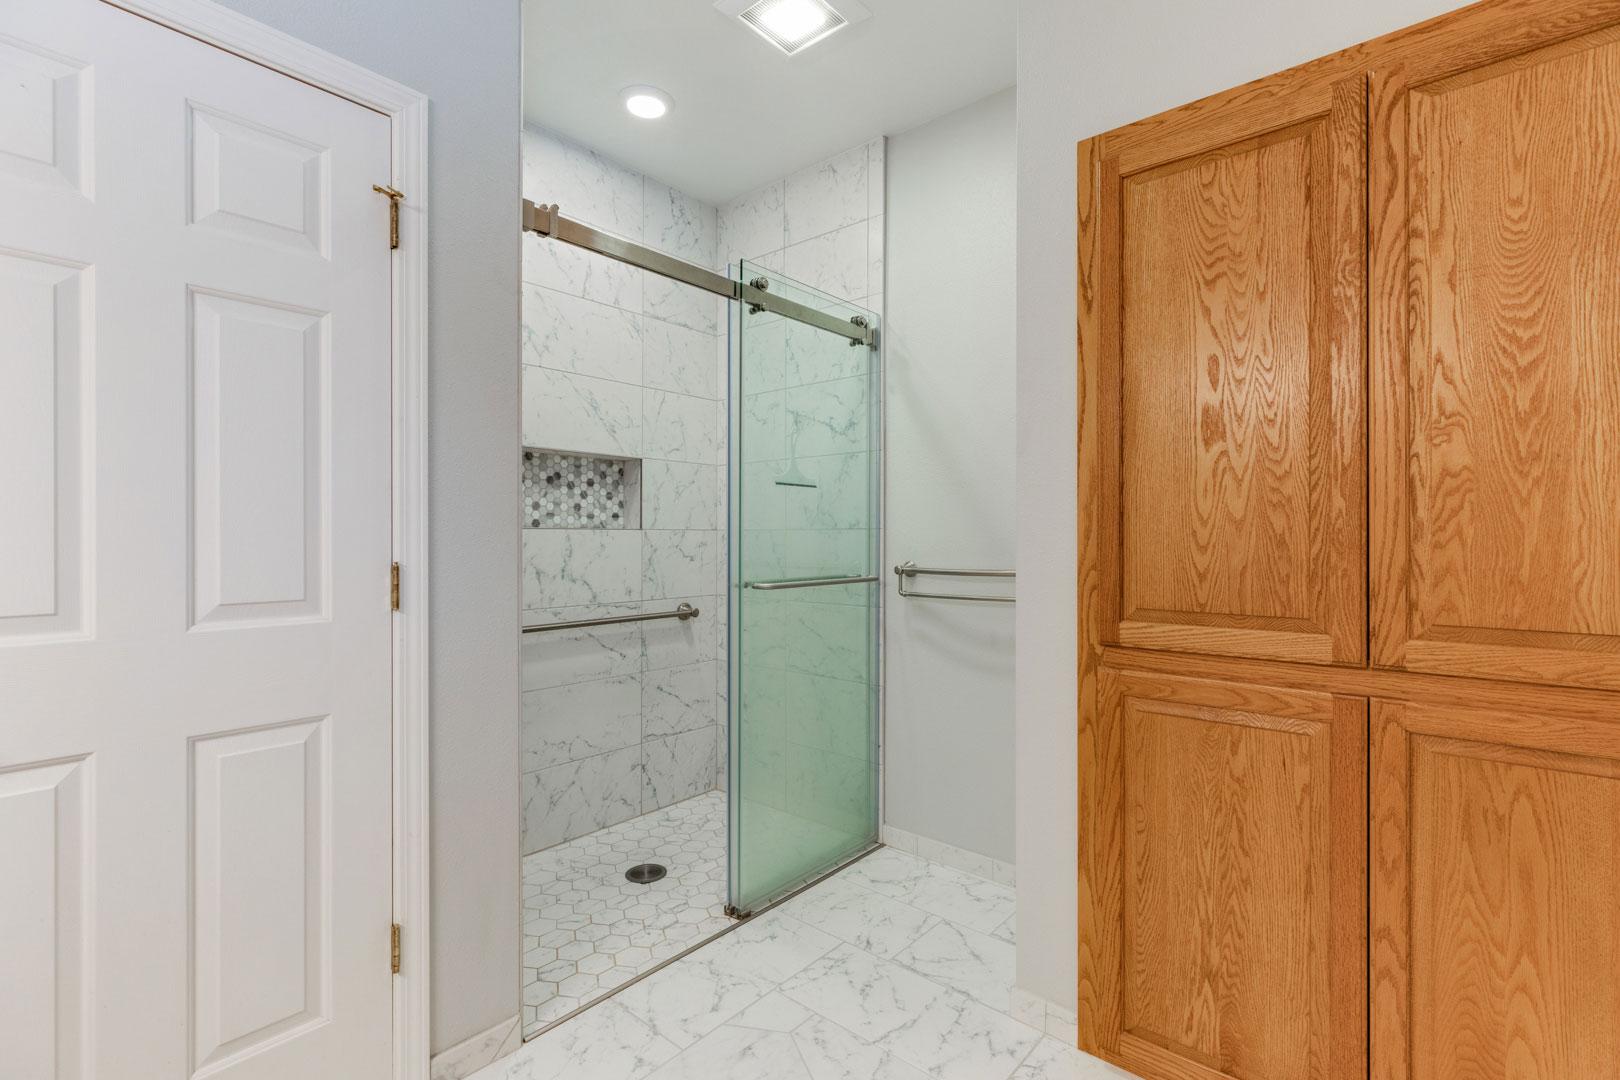 bath remodel - Henderer Design + Build, Corvallis OR